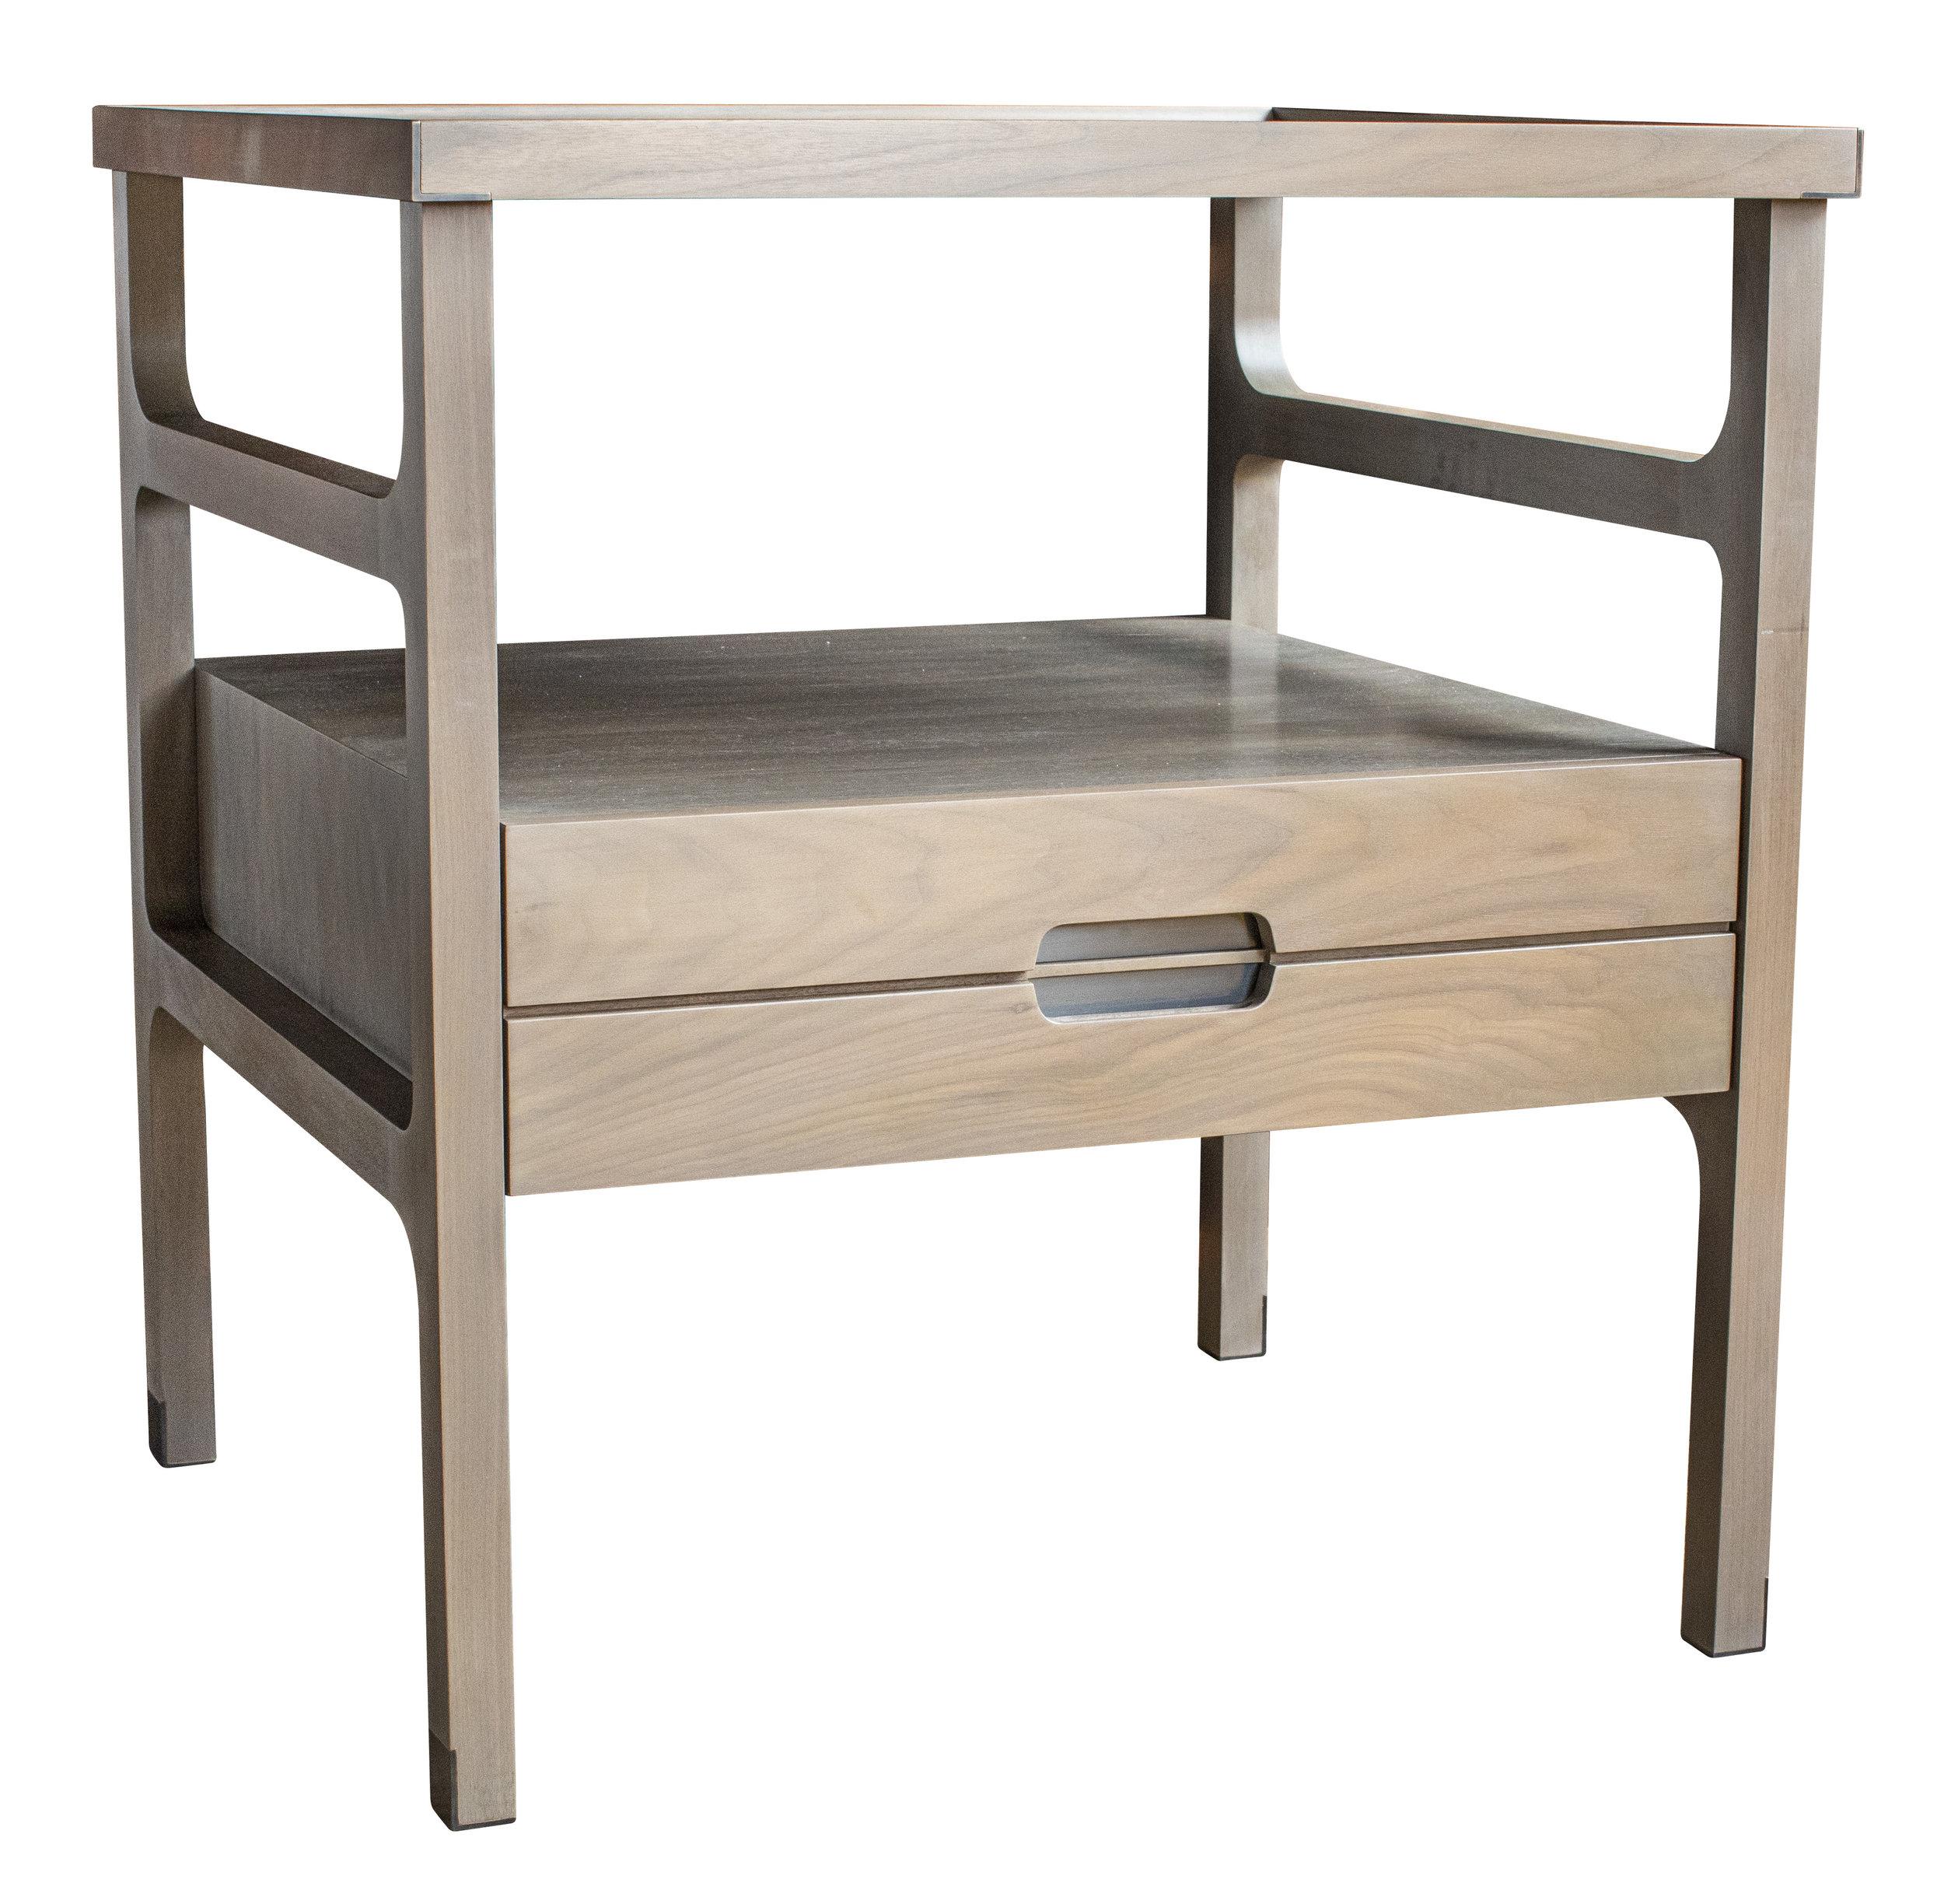 Tiernan Side Table - Single Drawer